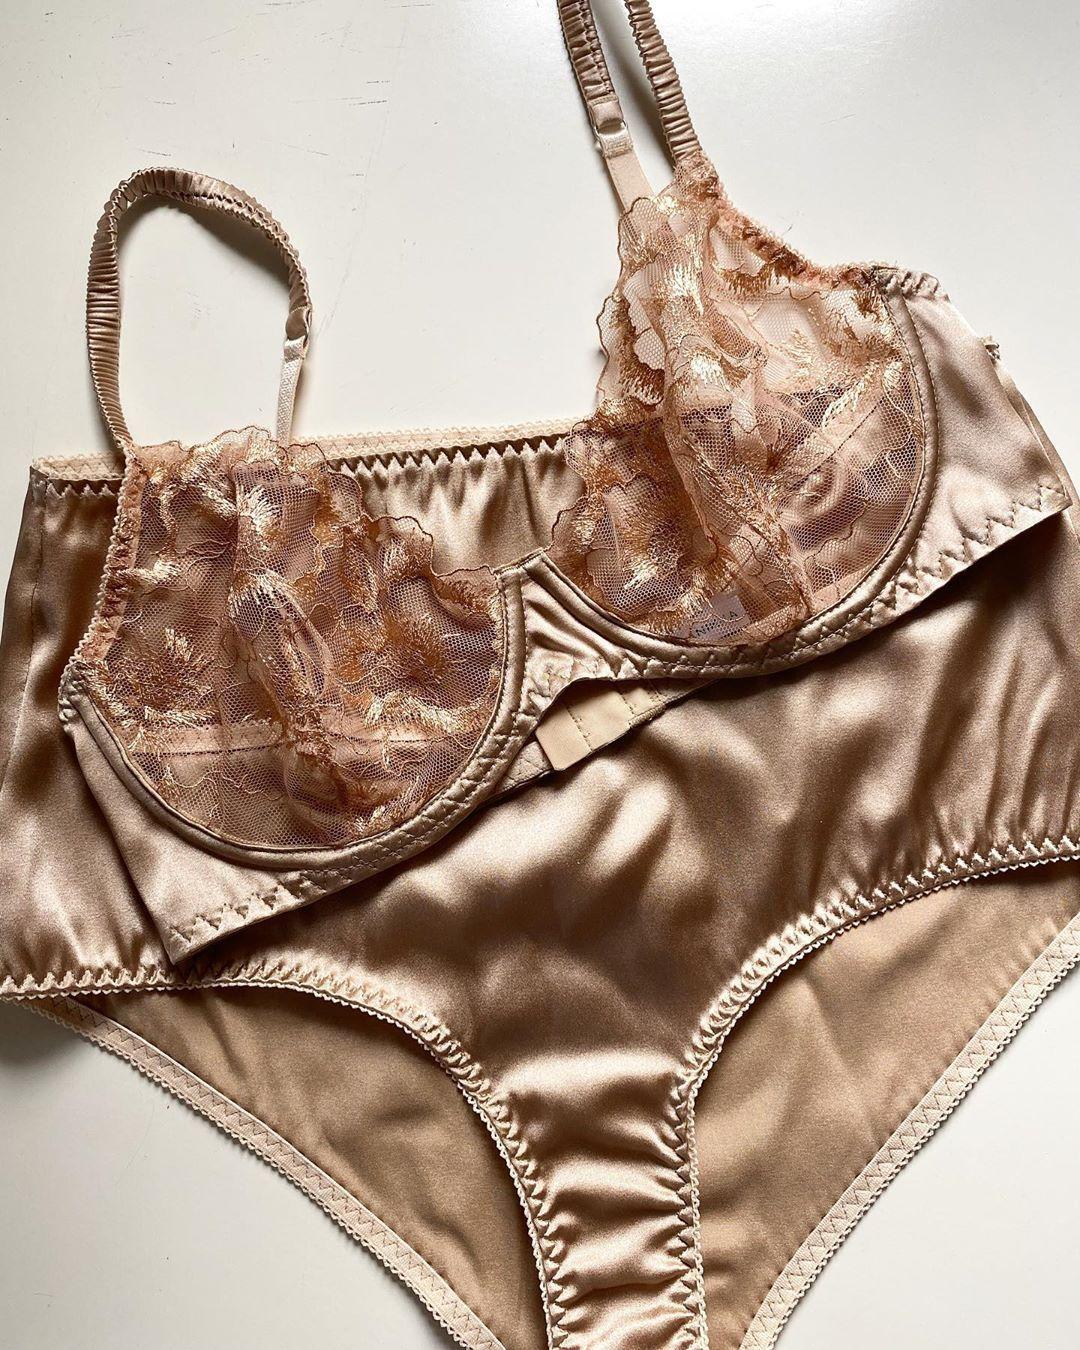 Женское нижнее белье из шелка в москве женское белье в реализацию